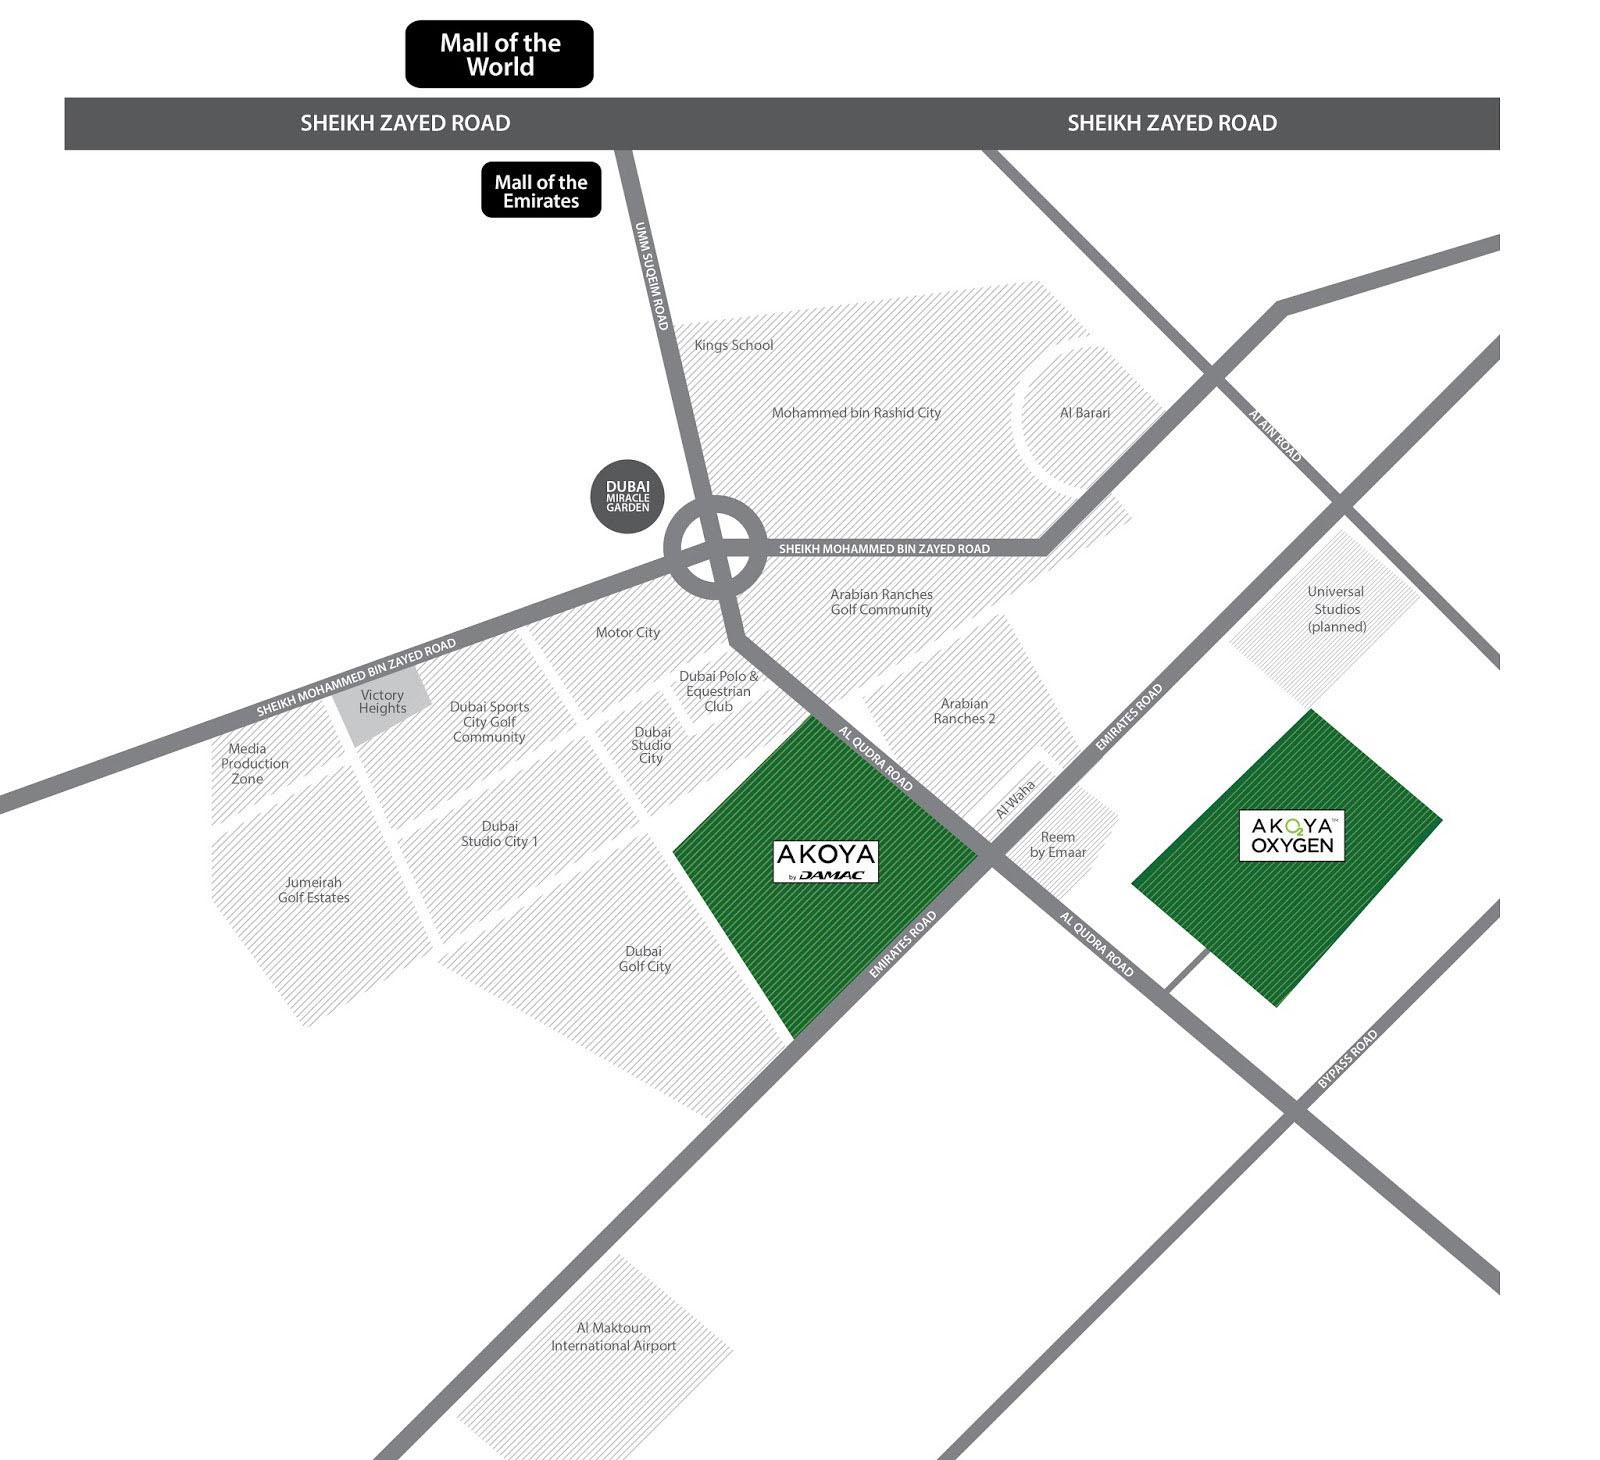 فلل-أكويا-داماك خريطة الموقع